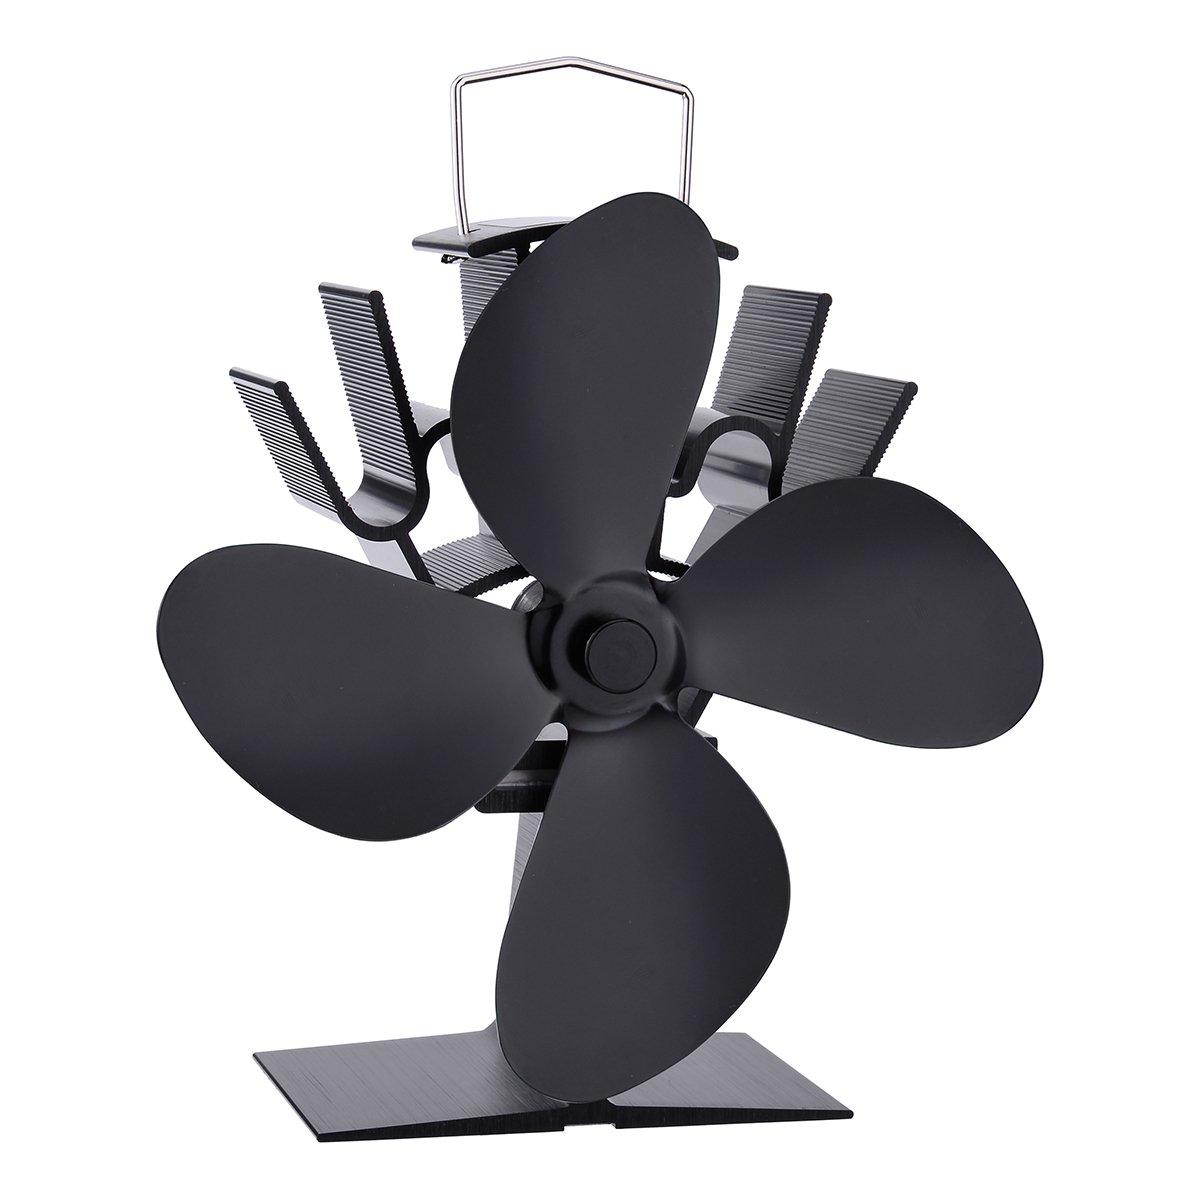 Housweety Ventilador para estufa de leña, gas, carbón, ecológica, color negro, estilo 3, 12 cm: Amazon.es: Hogar